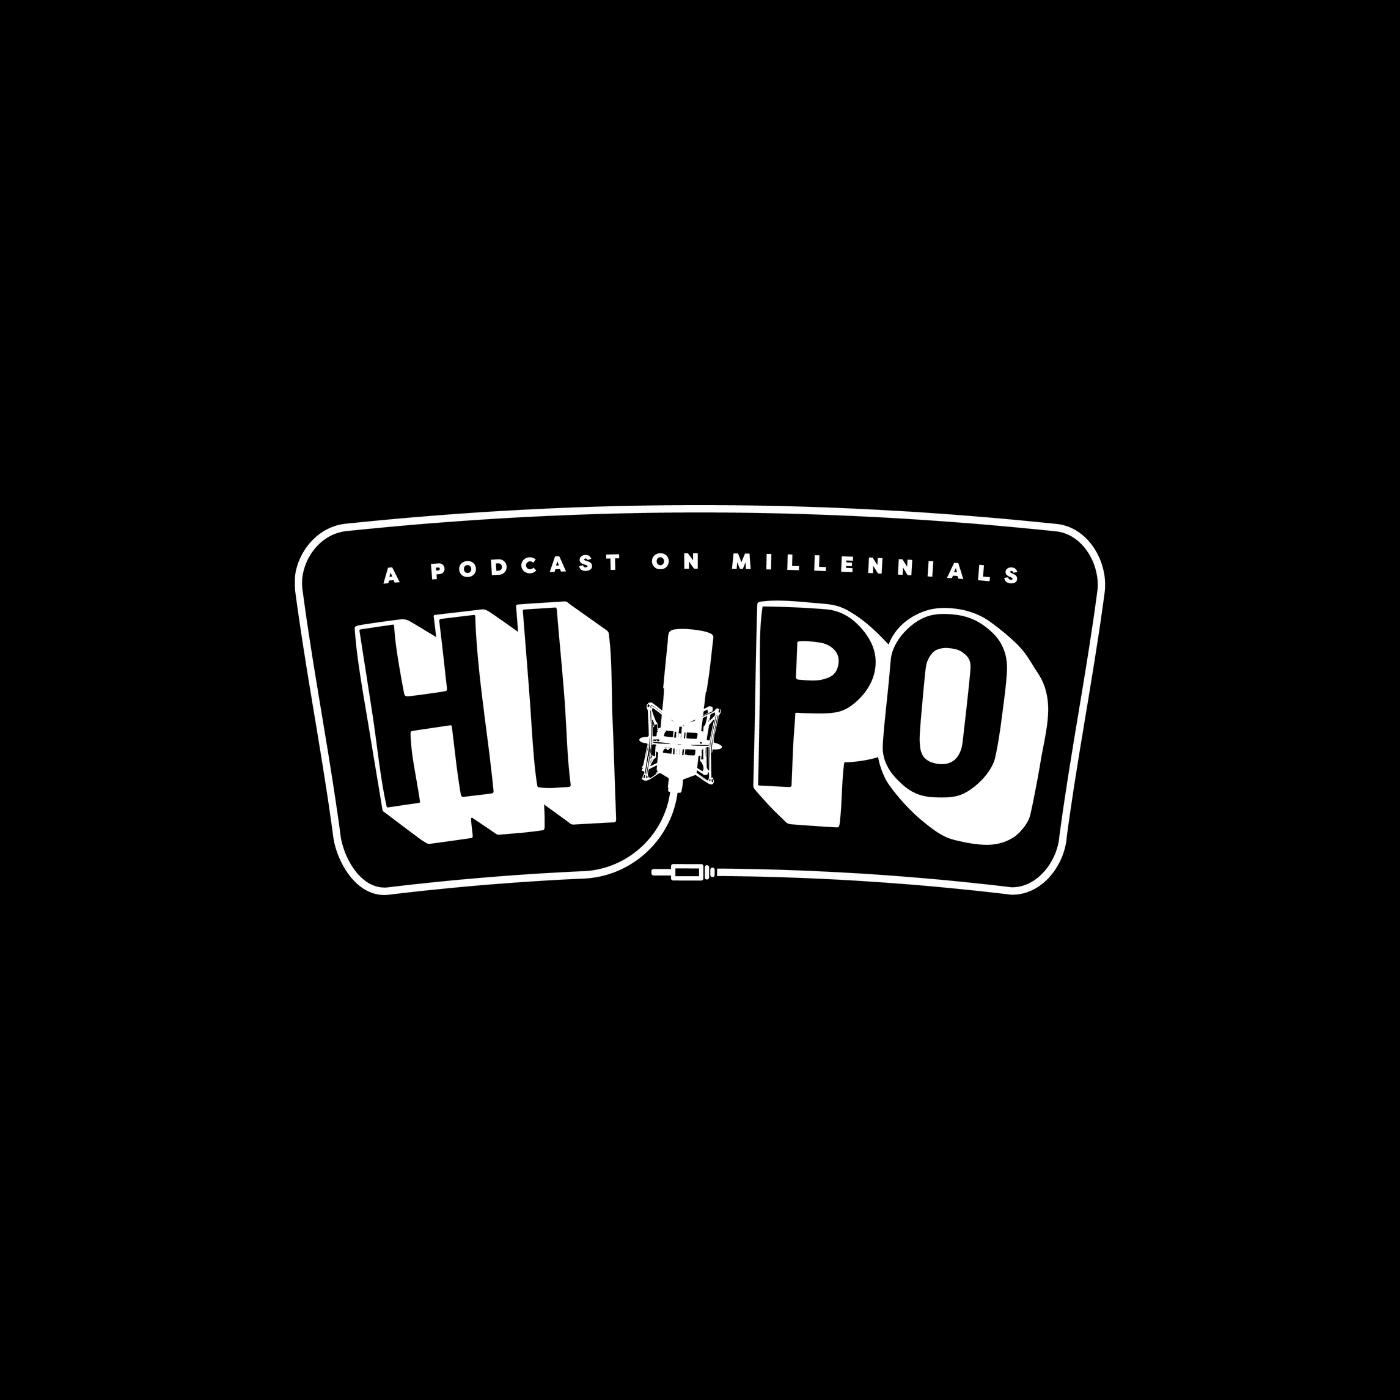 Artwork for podcast Hi-Po